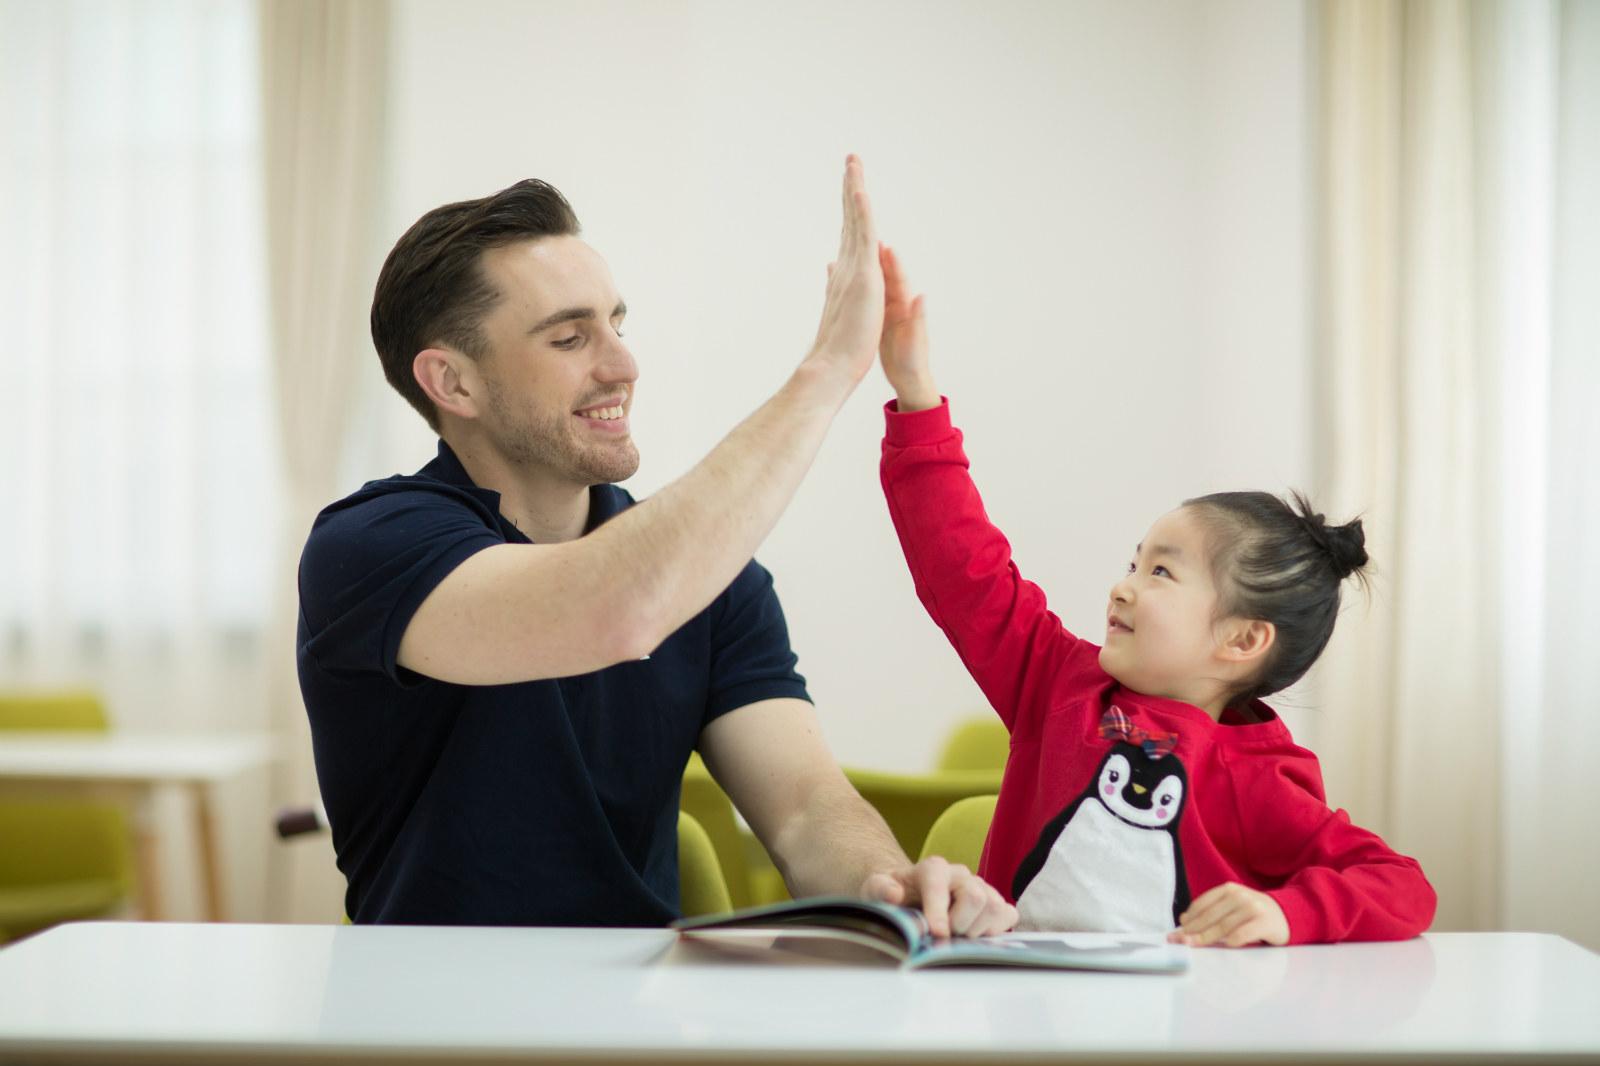 艾途教育专注于成都英语培训、成都英语培训机构市场开阔